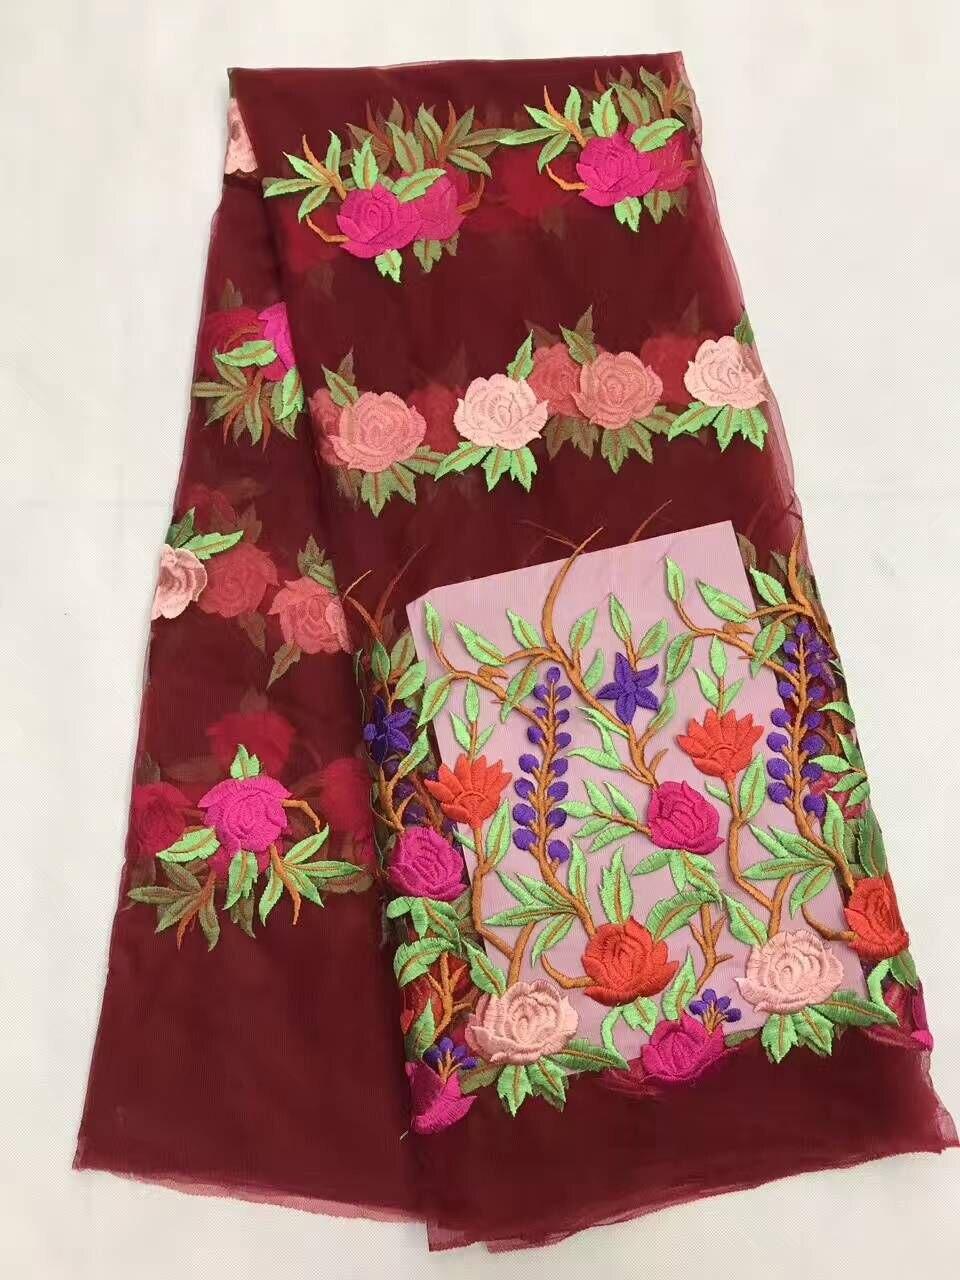 5 Yards/pc En satış şarap fransız net dantel kumaş ve parti için güzel çiçek tasarım afrika örgü dantel elbise LJ5-4